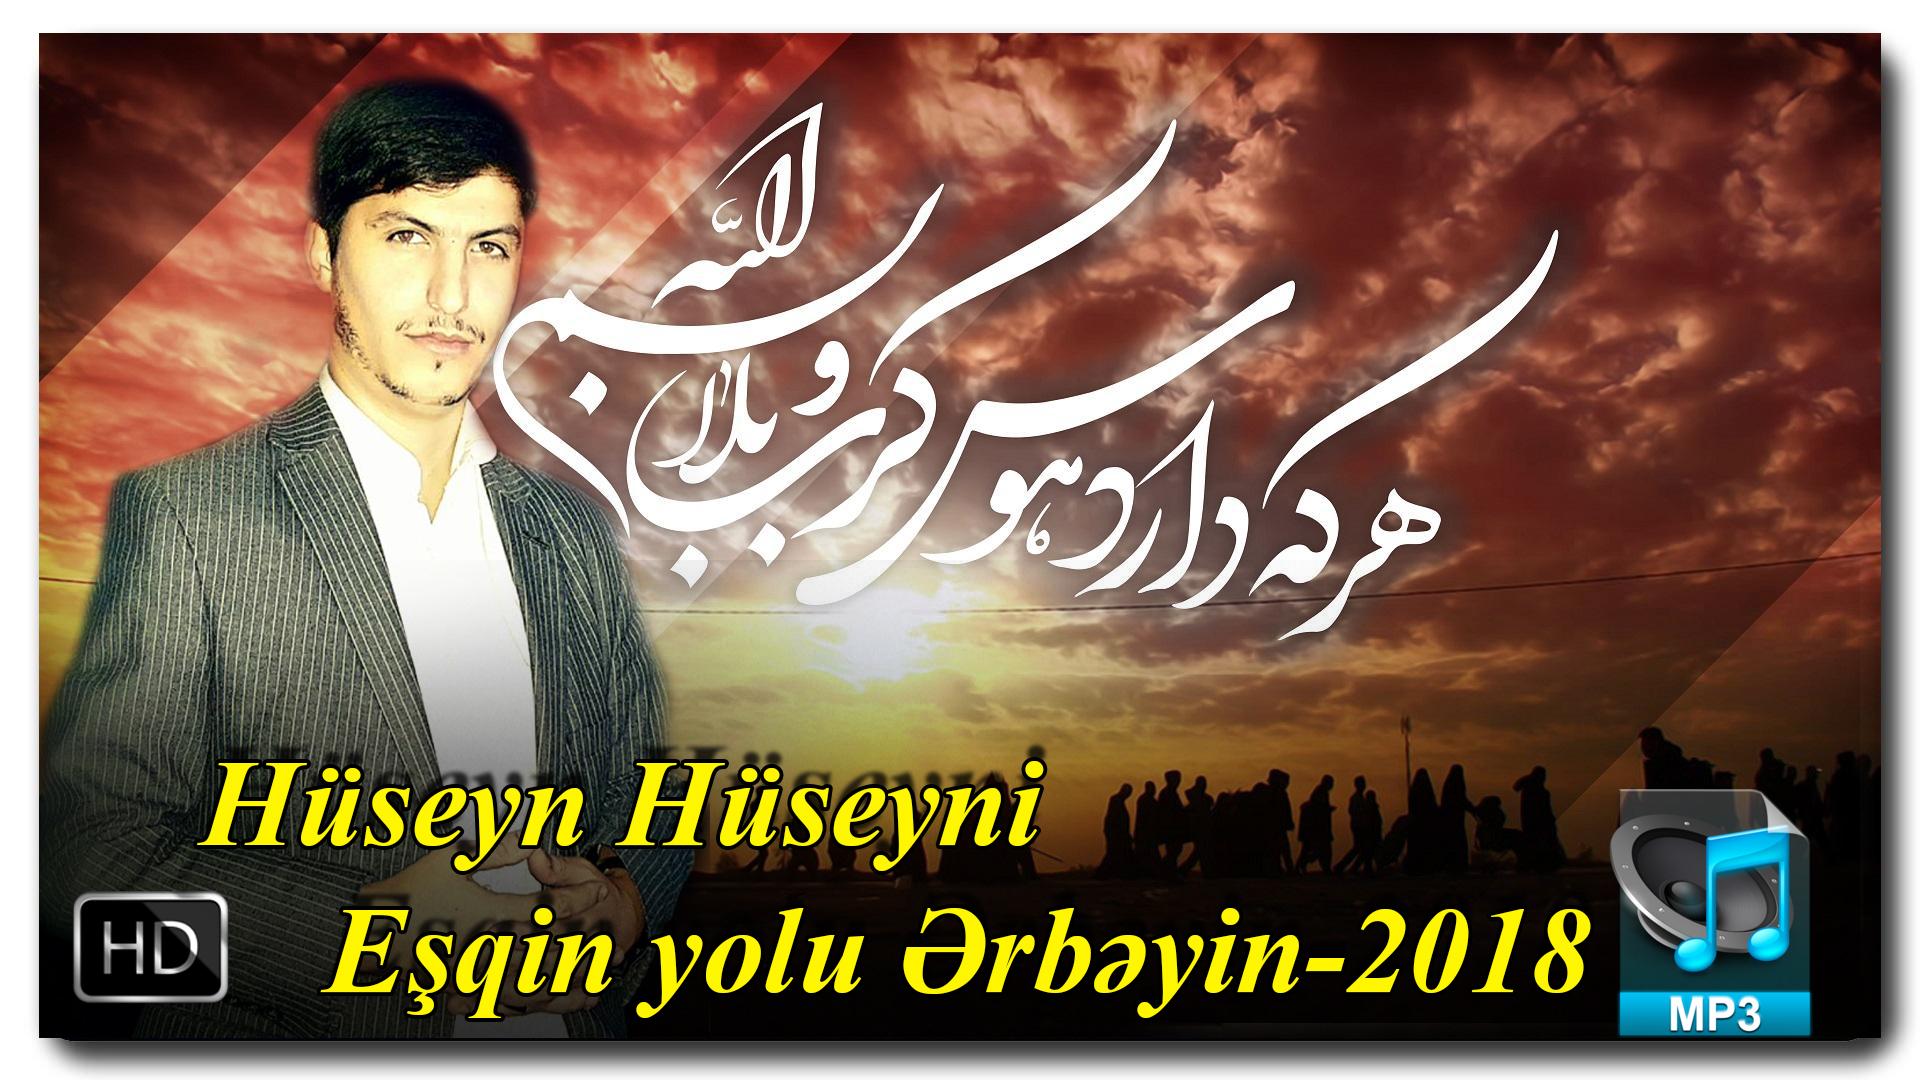 Hüseyn Hüseyni | Eşqin yolu Ərbəyin-2018 |İlkdəfə YA-ƏLİ saytında|